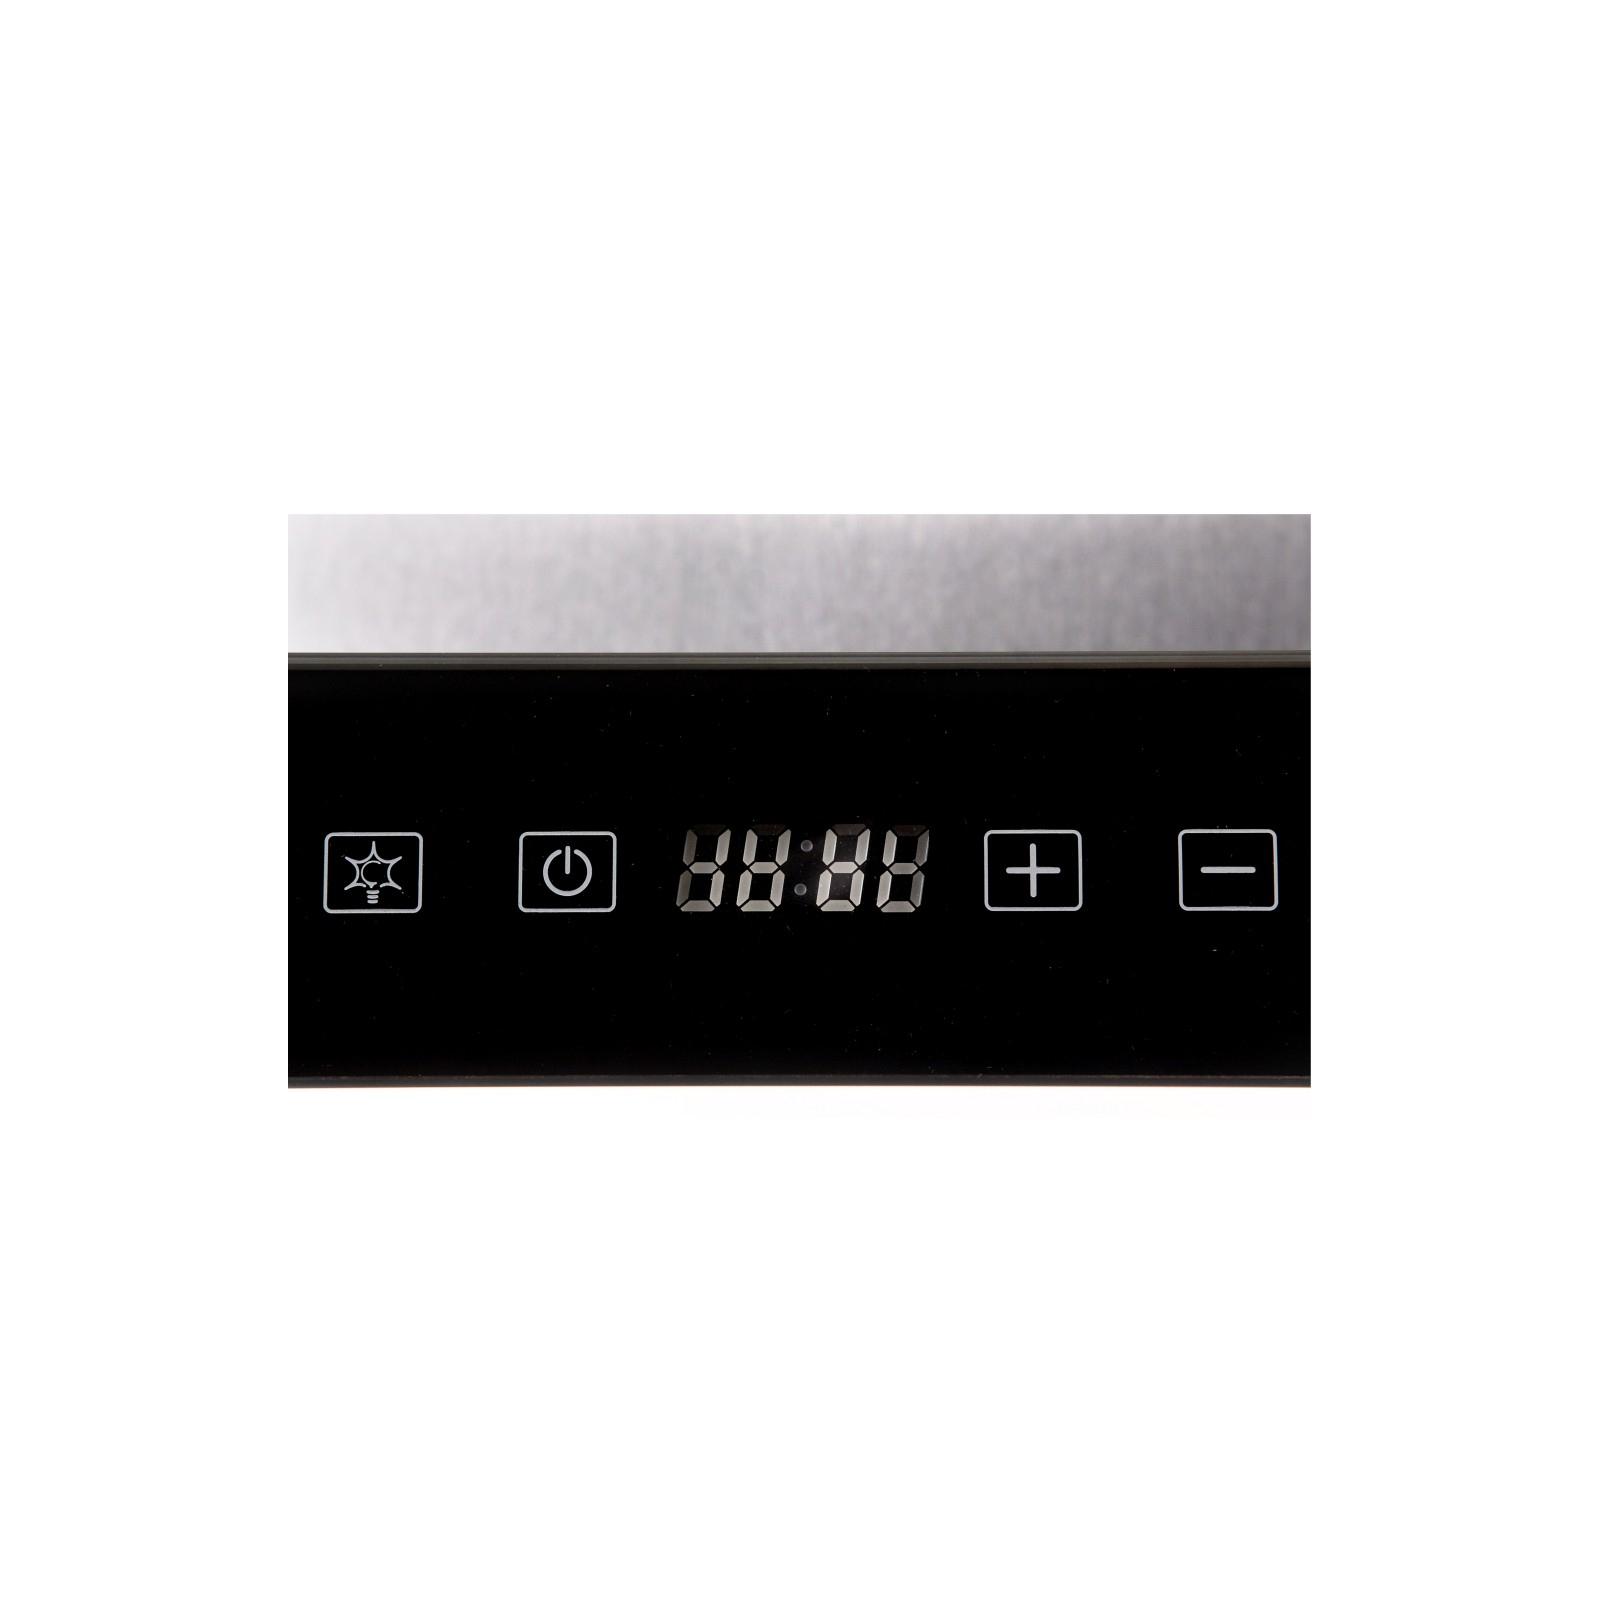 Вытяжка кухонная Eleyus Stels 1200 LED SMD 90 IS+BL (Stels1200LEDSMD90IS+BL) изображение 4